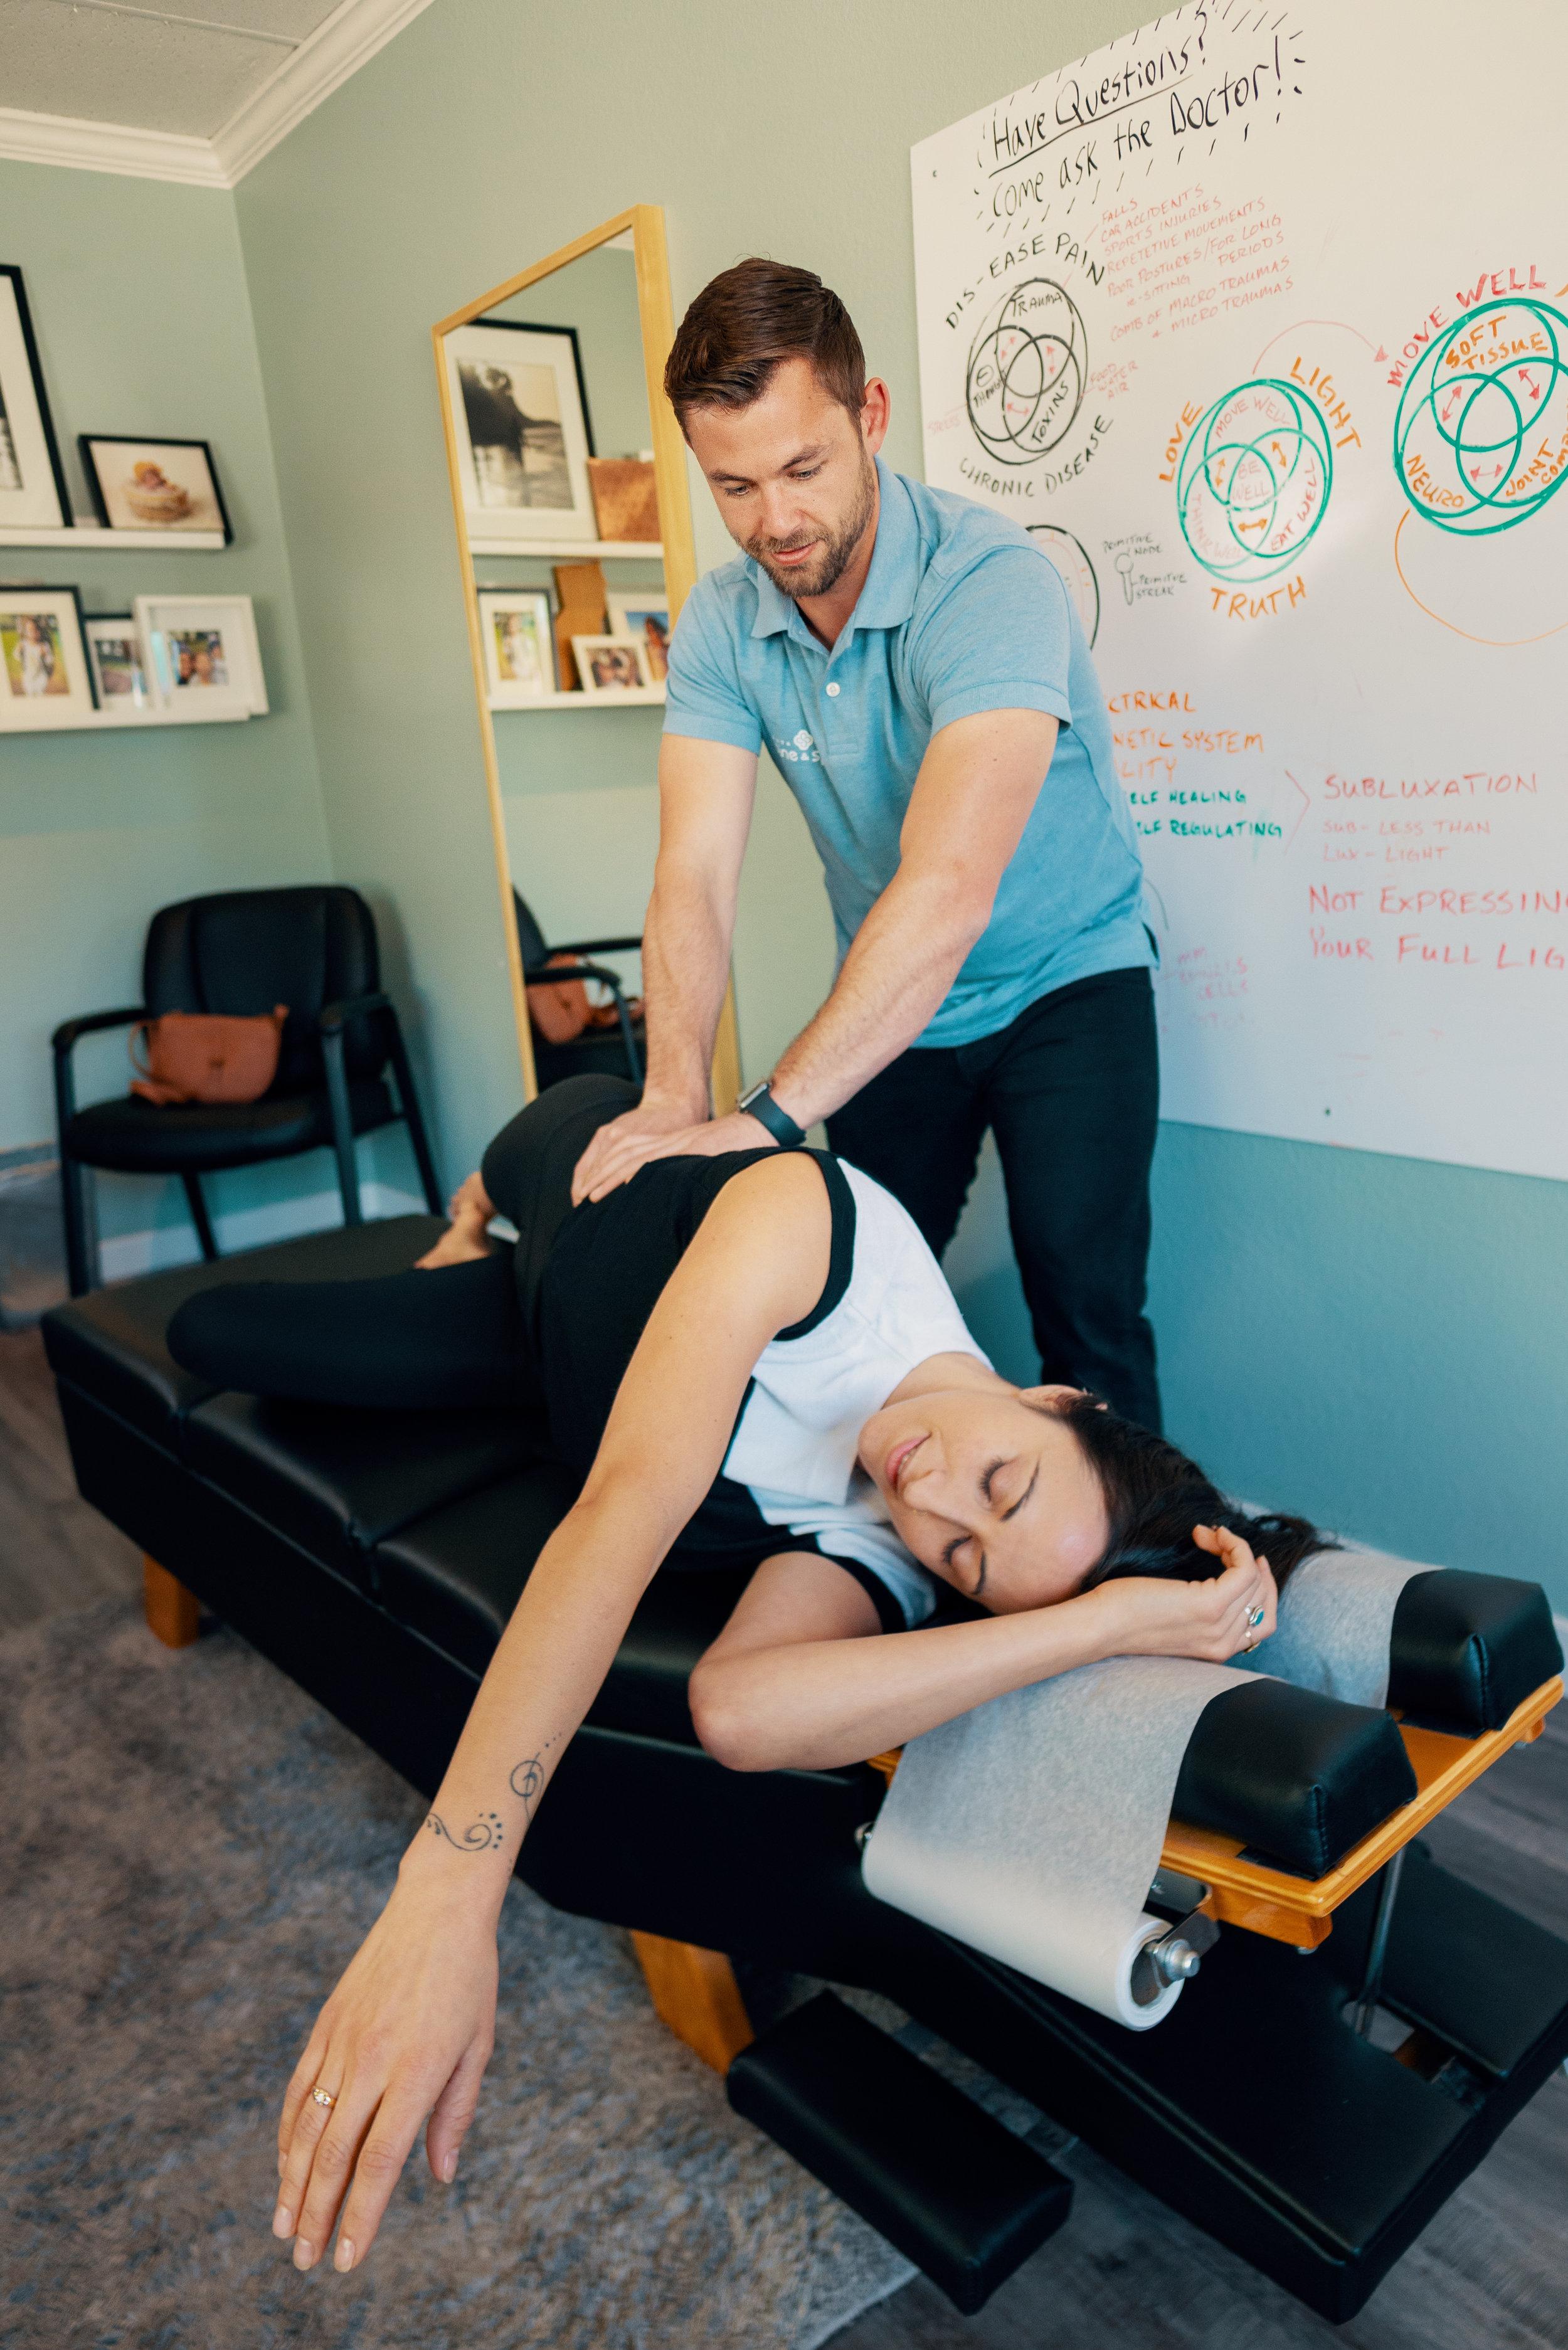 DSC00492 Denise Tu best massage therapist santa cruz spine and sport.jpg